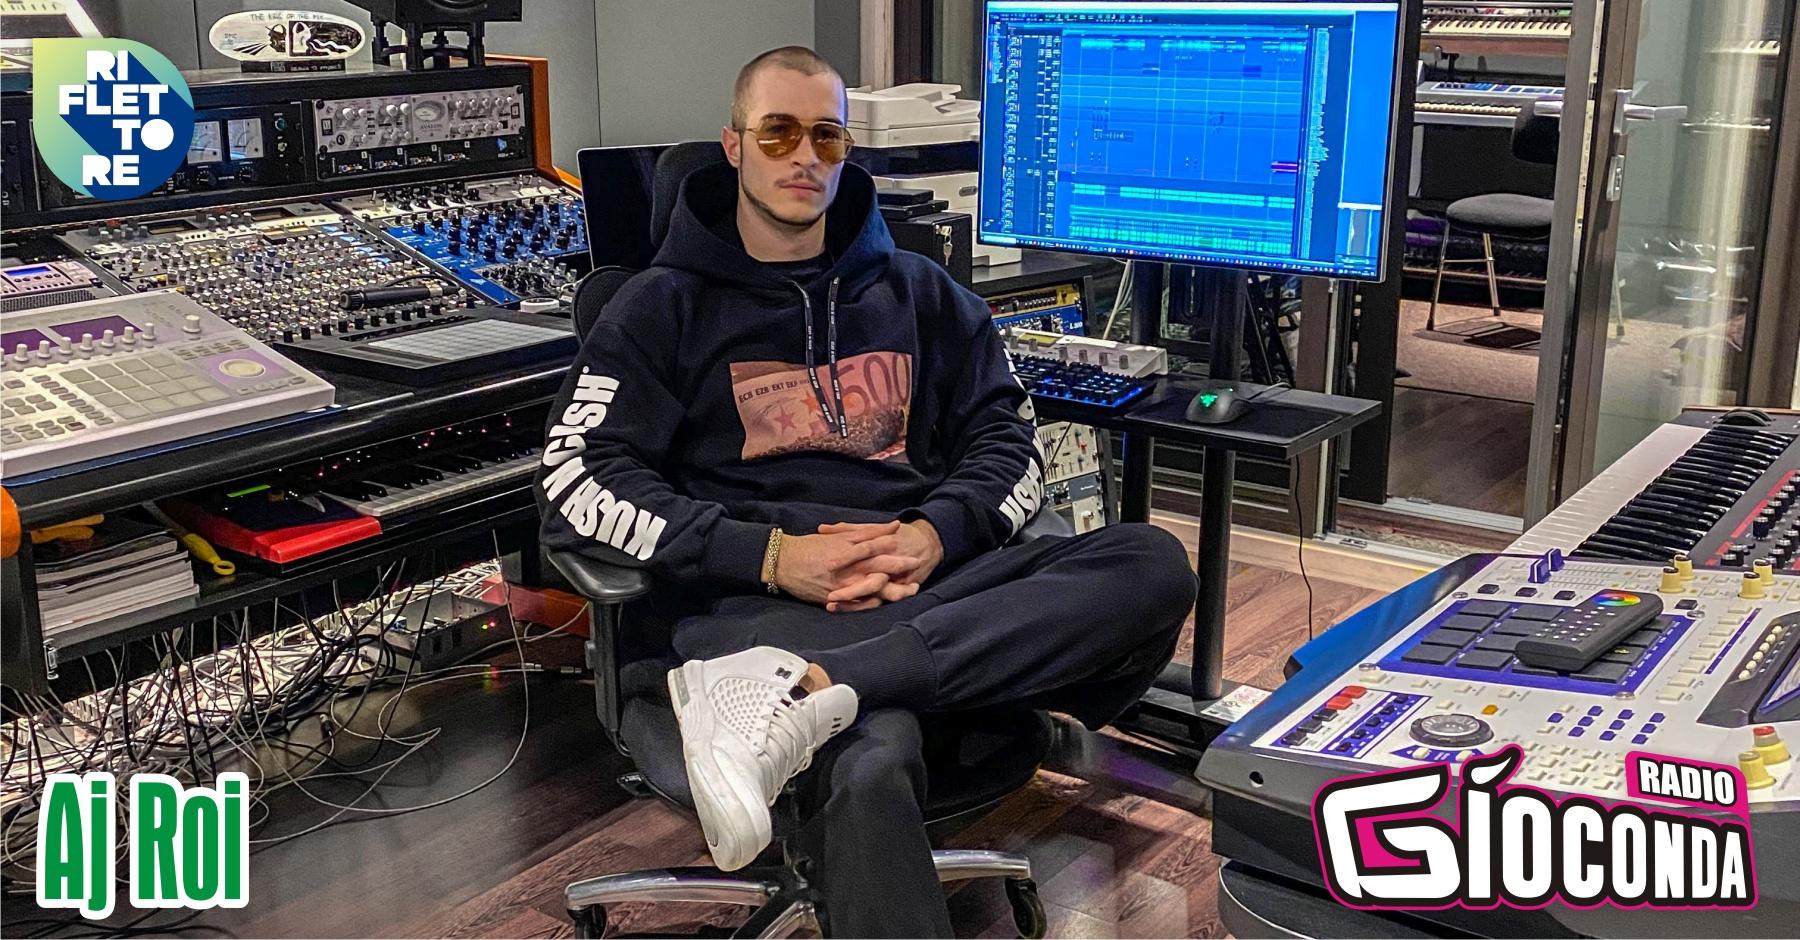 """Il giovanissimo cantautore Aj Roi sarà il protagonista della puntata di venerdì 11 giugno di """"Riflettore"""". Il suo primo singolo, pubblicato lo scorso 23 aprile, si intitola """"Kush n' Cash"""" ed è direttamente collegato alla attività imprenditoriale dell'artista ovvero l'omonimo brand di abbigliamento del quale è sia ideatore sia fondatore. Del brano è stato realizzato un video che su You Tube ha già superato le 103 mila visualizzazioni. Aj Roi, che con """"Kush n' Cash"""" è al suo debutto nel mercato discografico, è attualmente impegnato nella realizzazione di nuovi brani. Tra i suoi prossimi progetti c'è anche quello di incidere un album."""